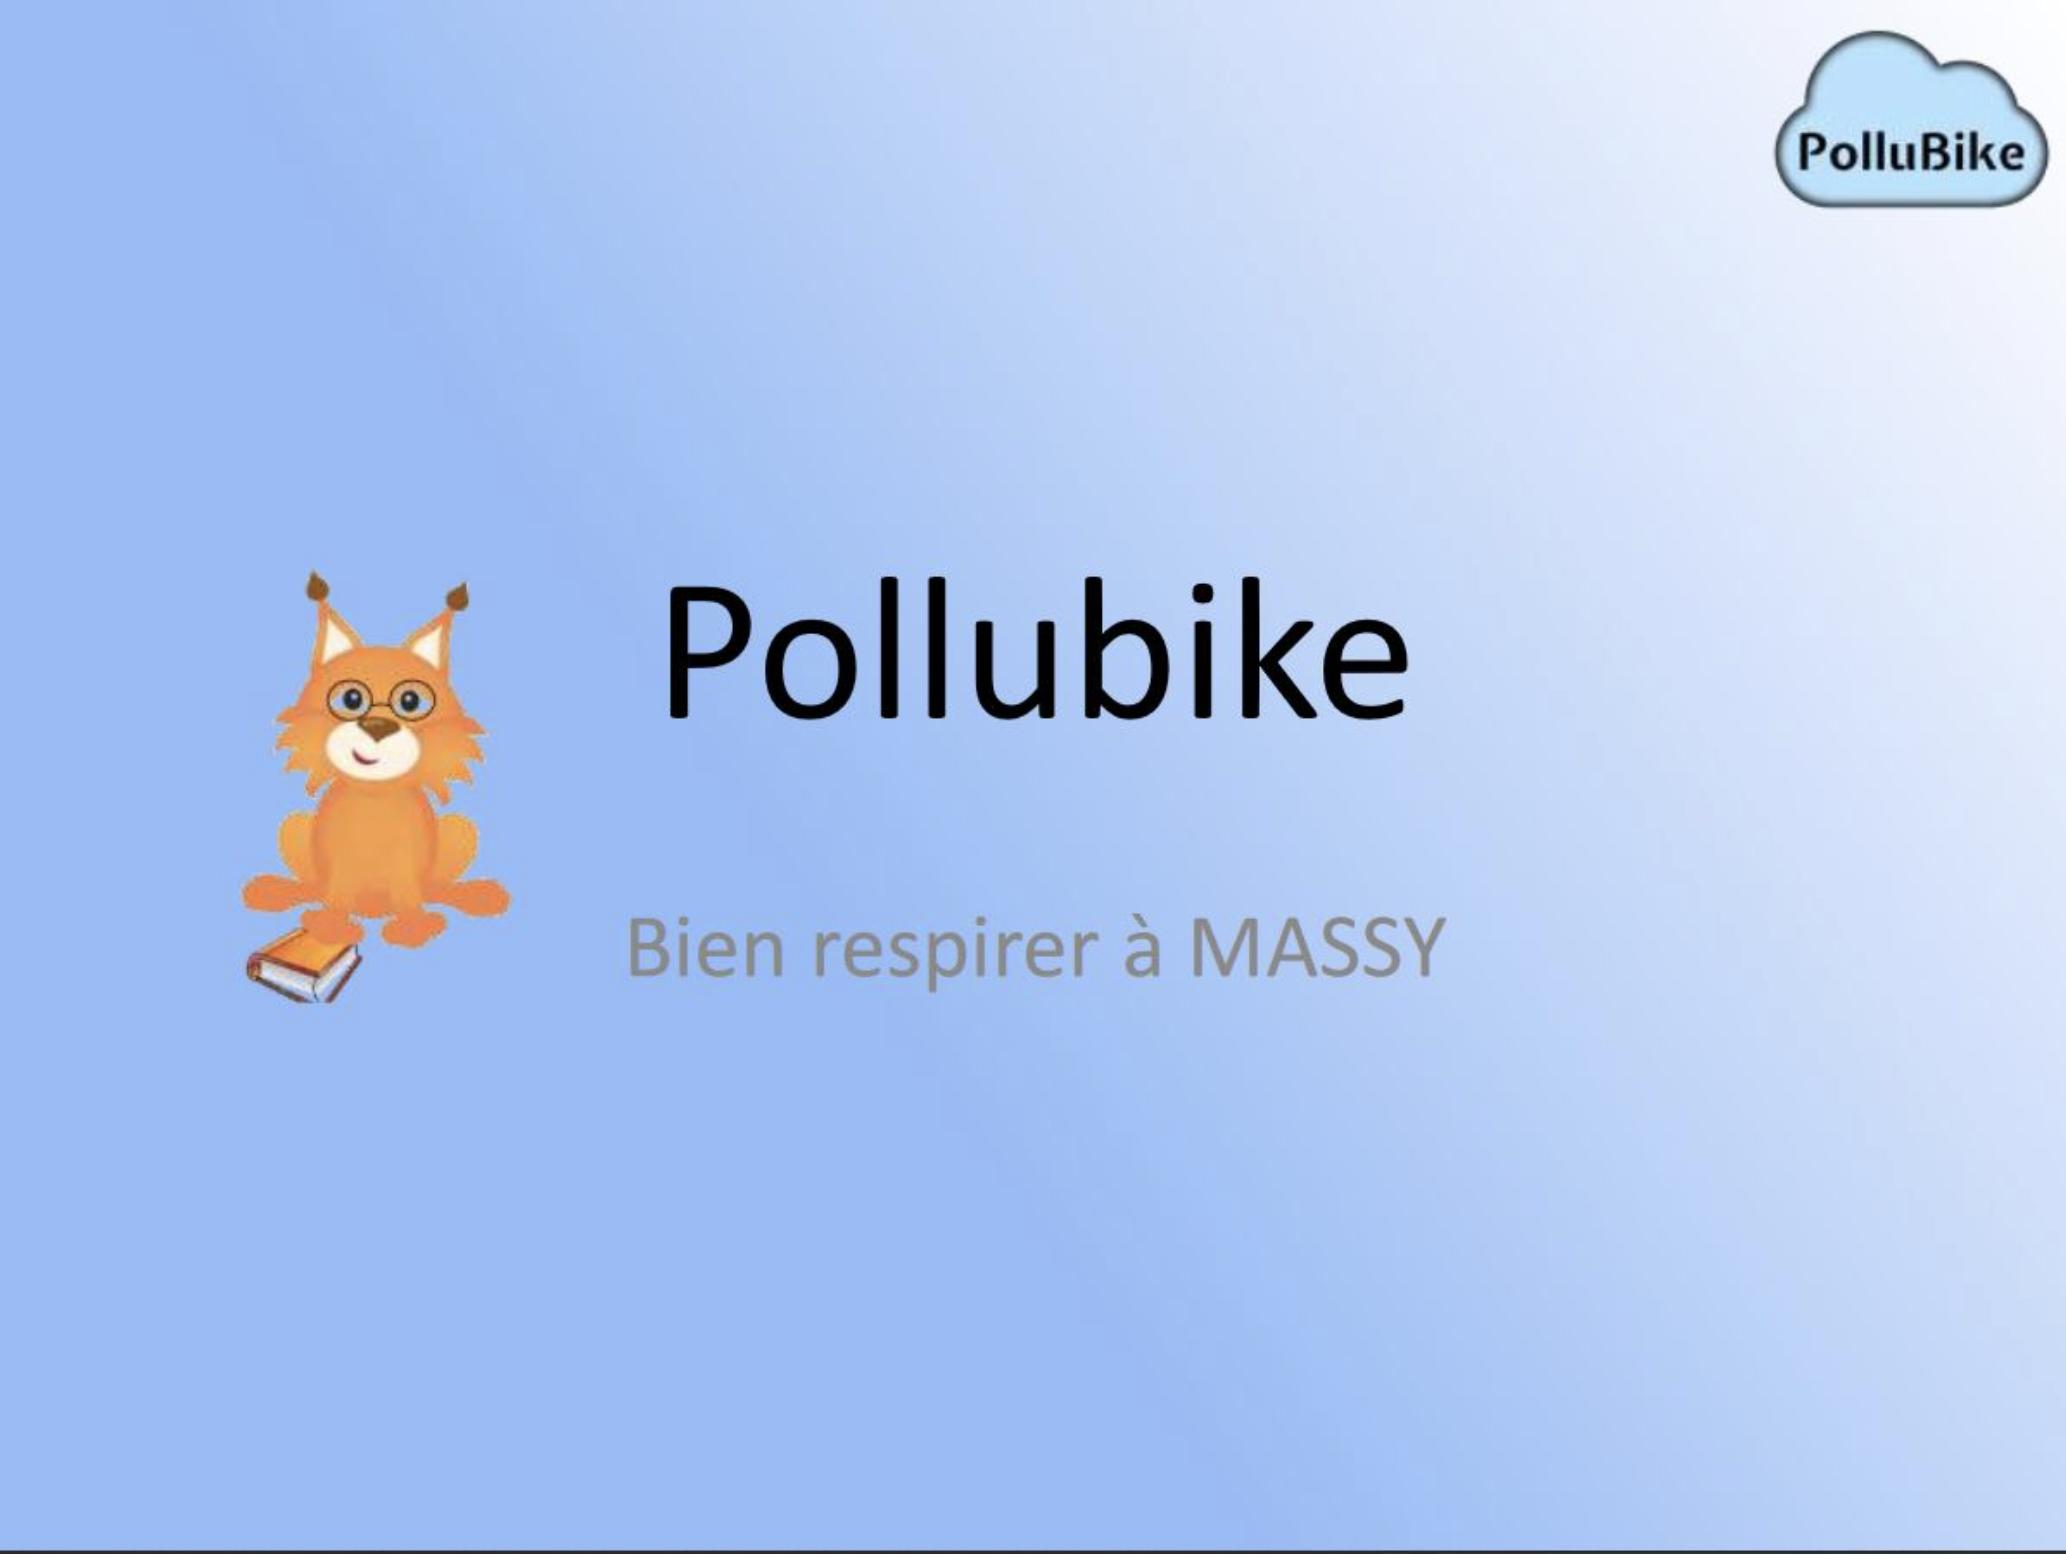 PolluBike